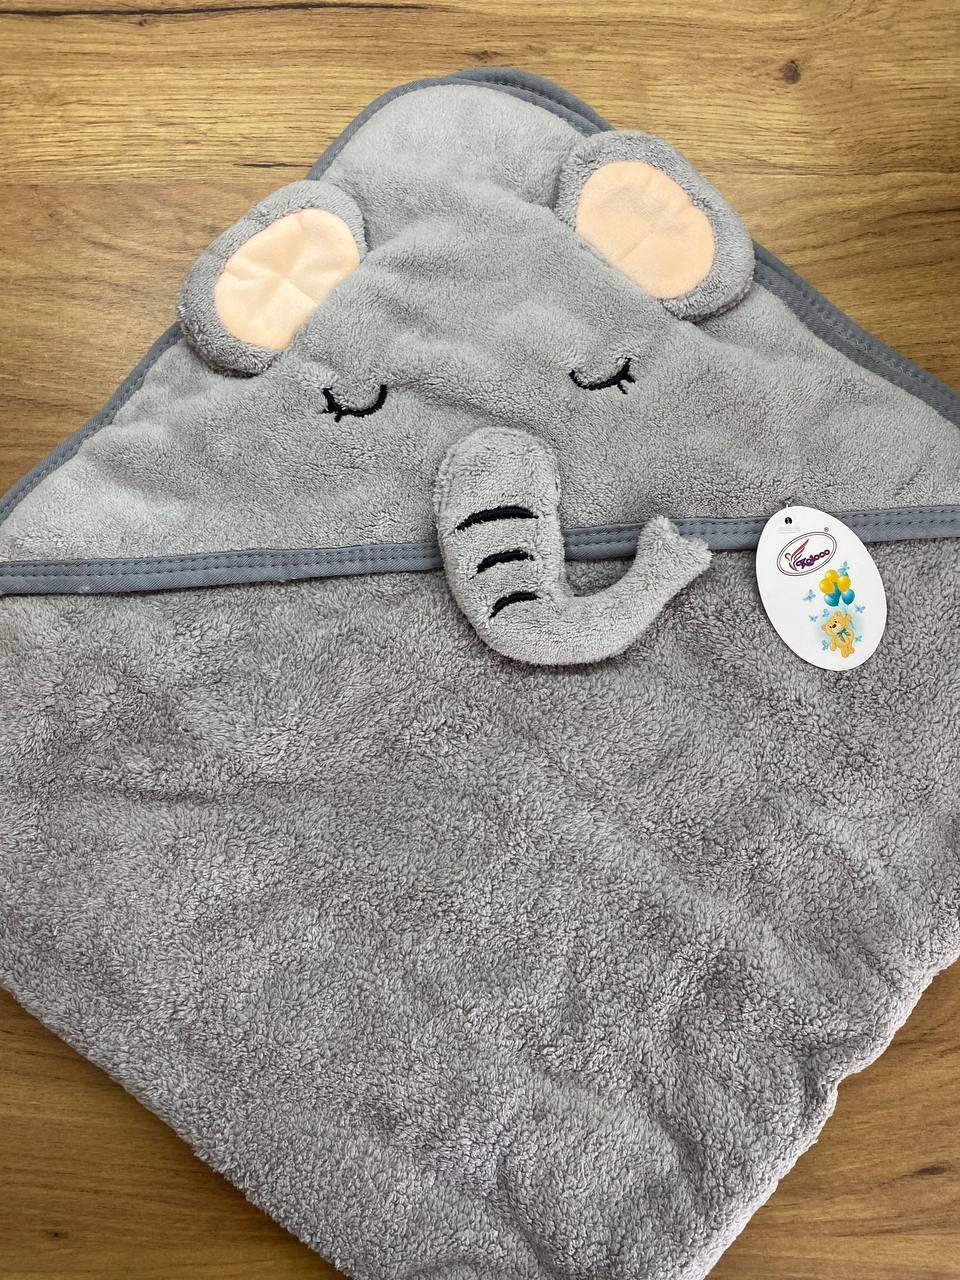 Полотенце уголок  для купания  детское  Koloco 80*80